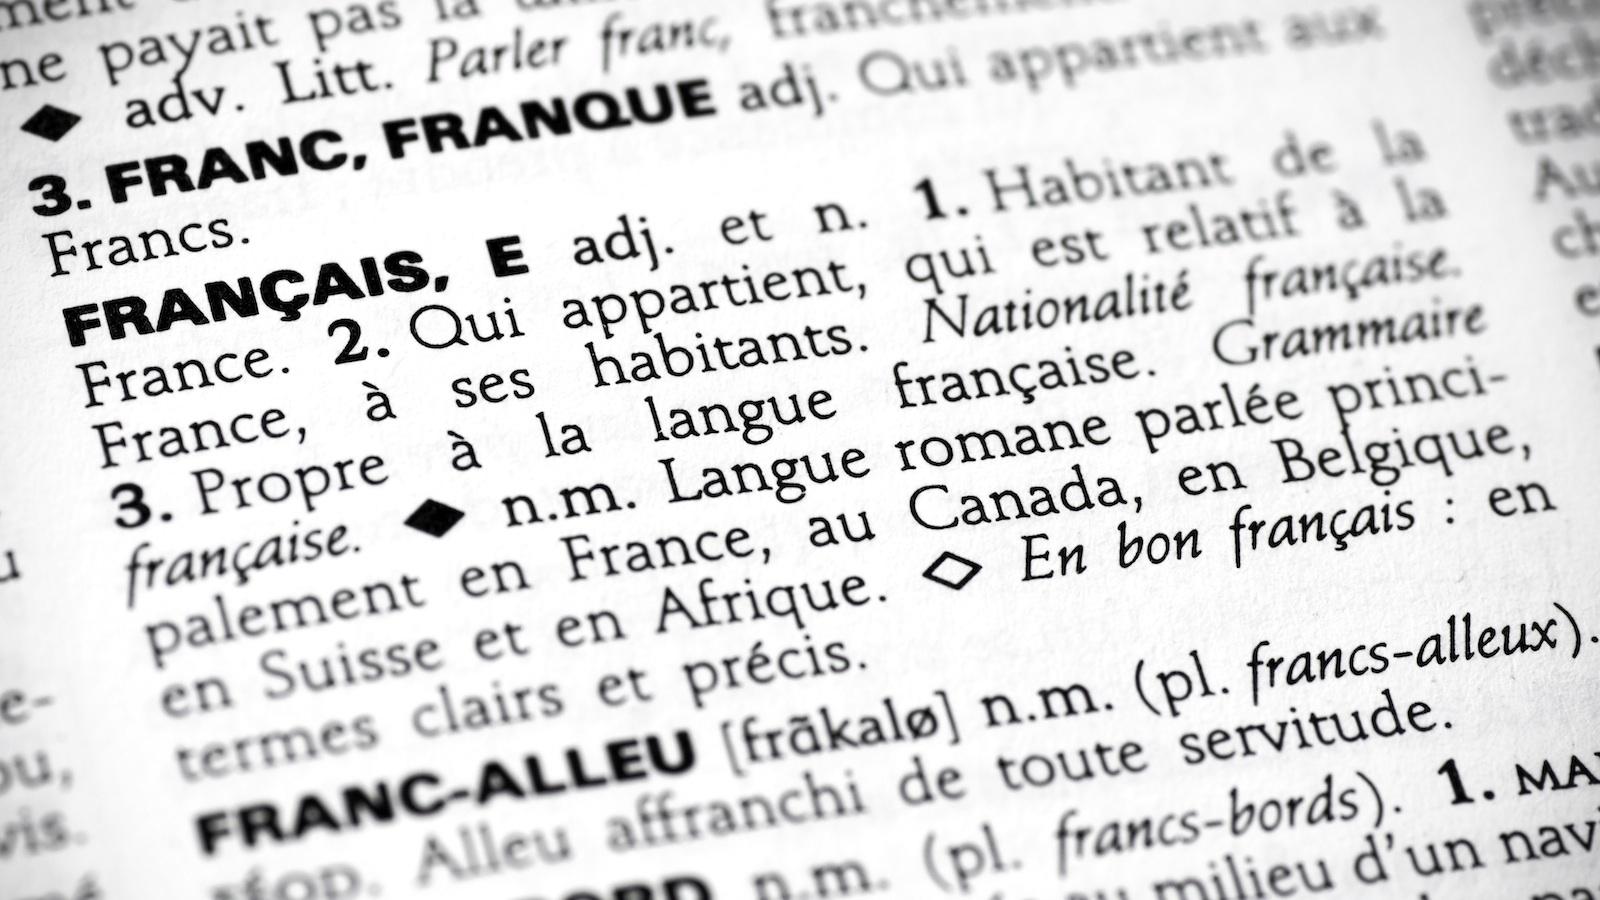 Brock-Niagara French Contest/Concours de français Brock